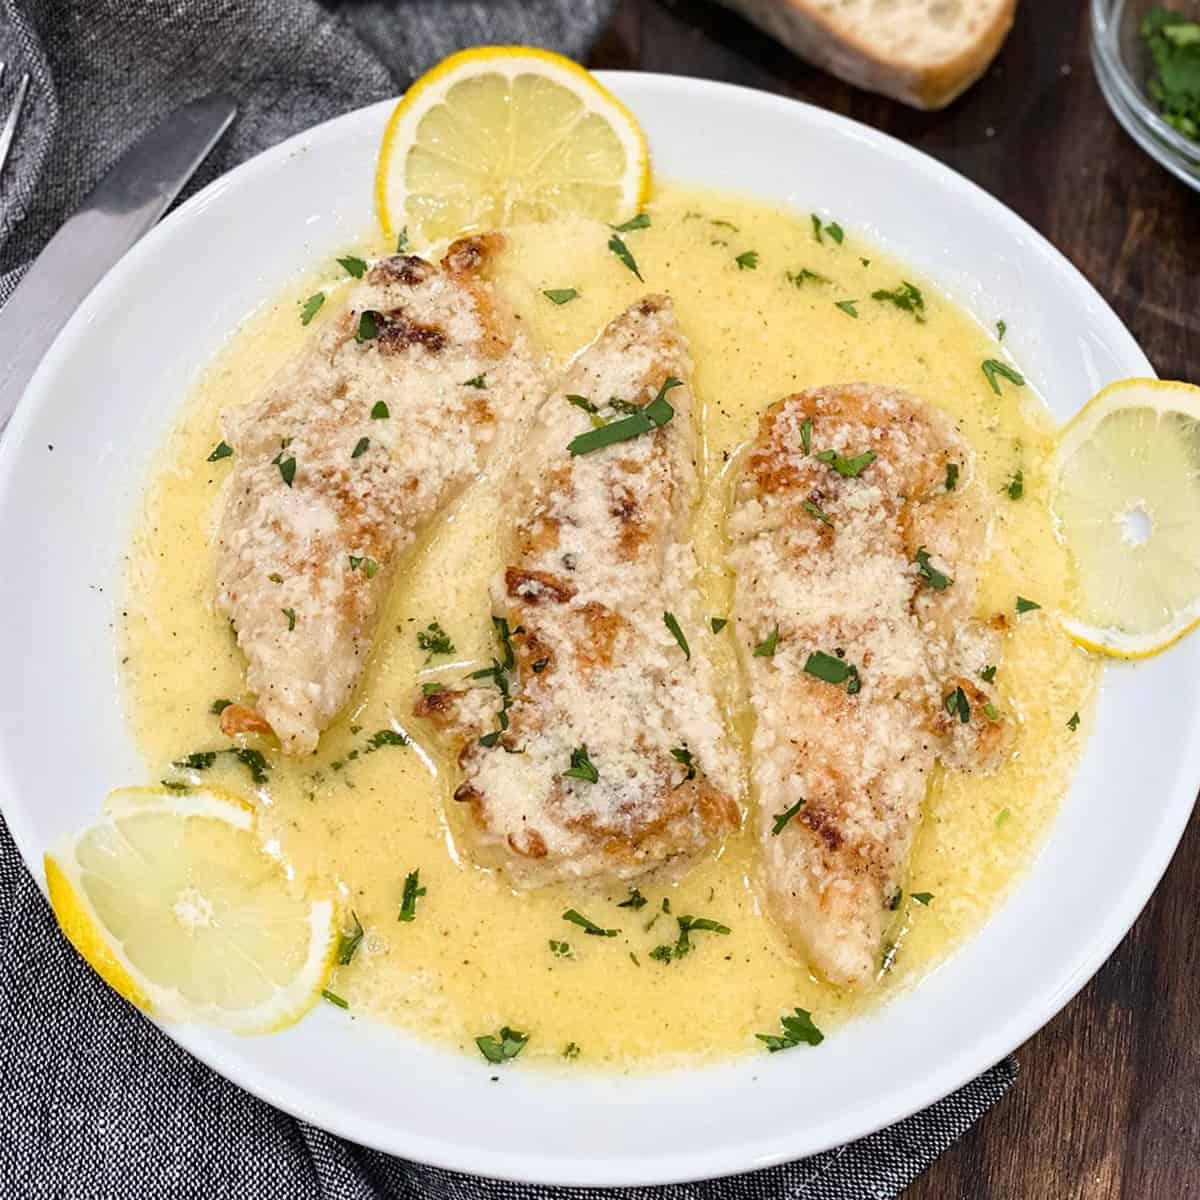 Lemon butter chicken tenders